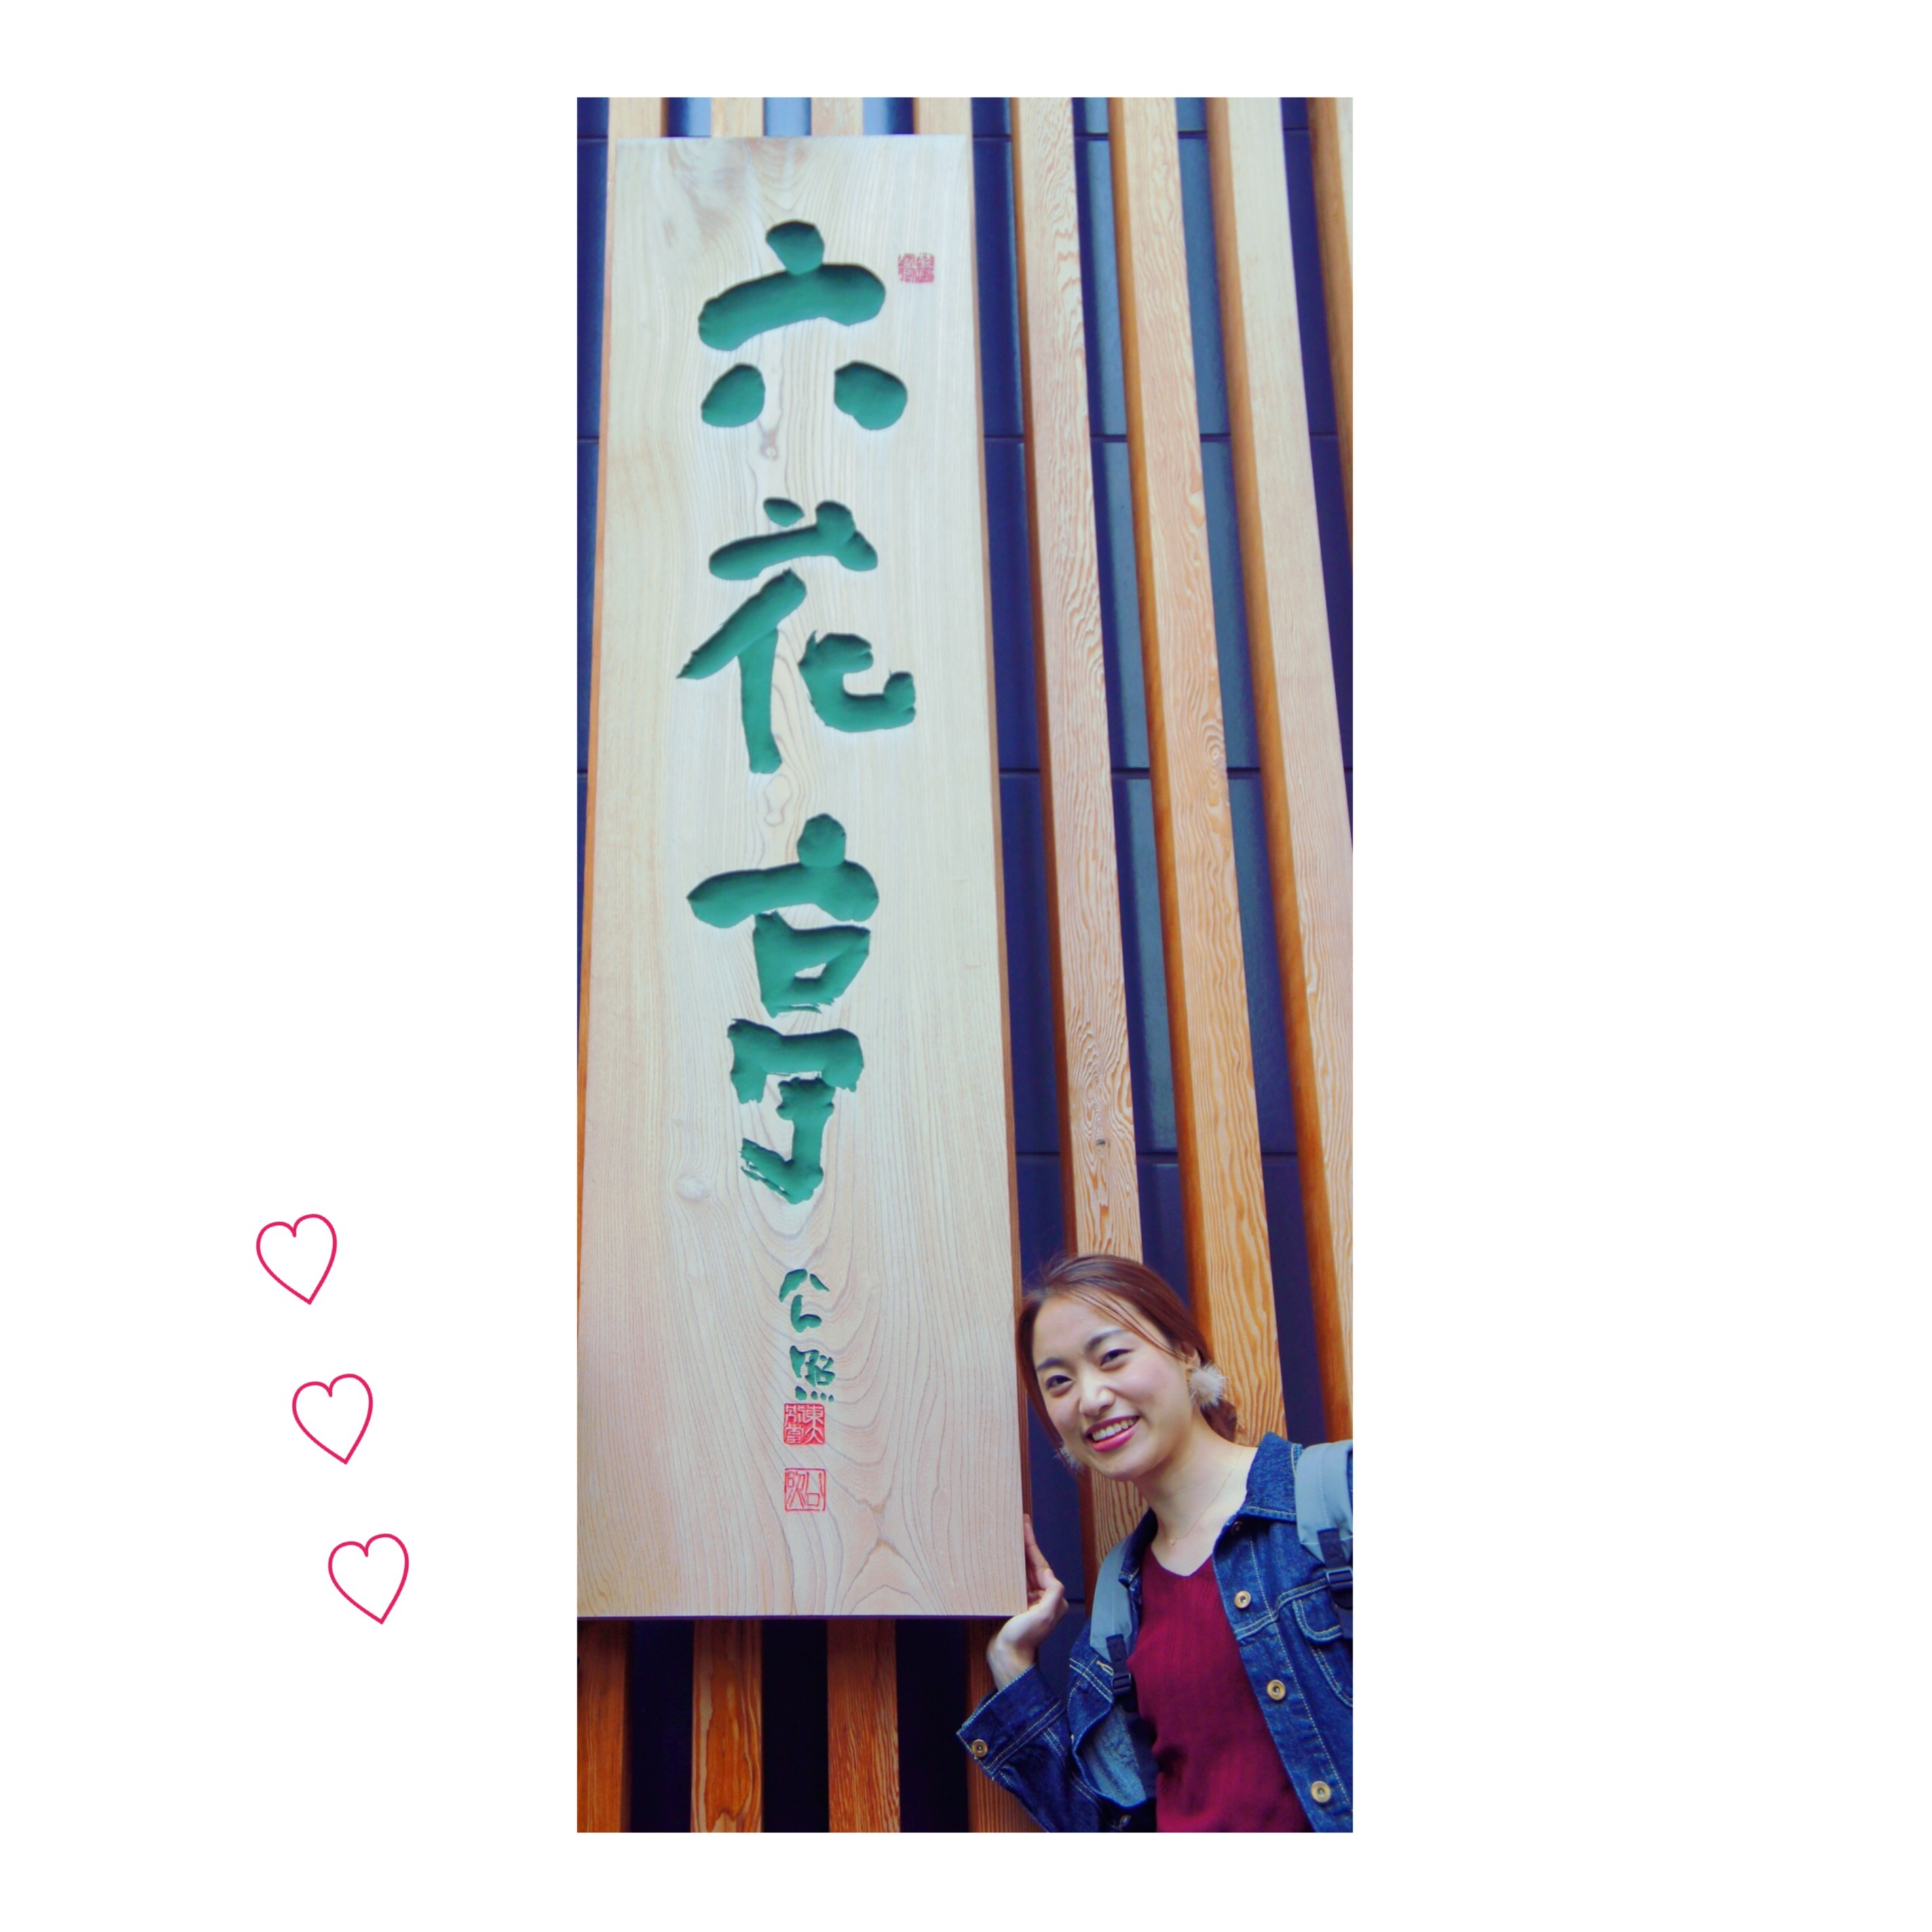 《★ご当地MORE》食べられるのは【北海道で2店舗】だけ!札幌に行ったら絶対食べたい!マルセイアイスサンド❤️_1